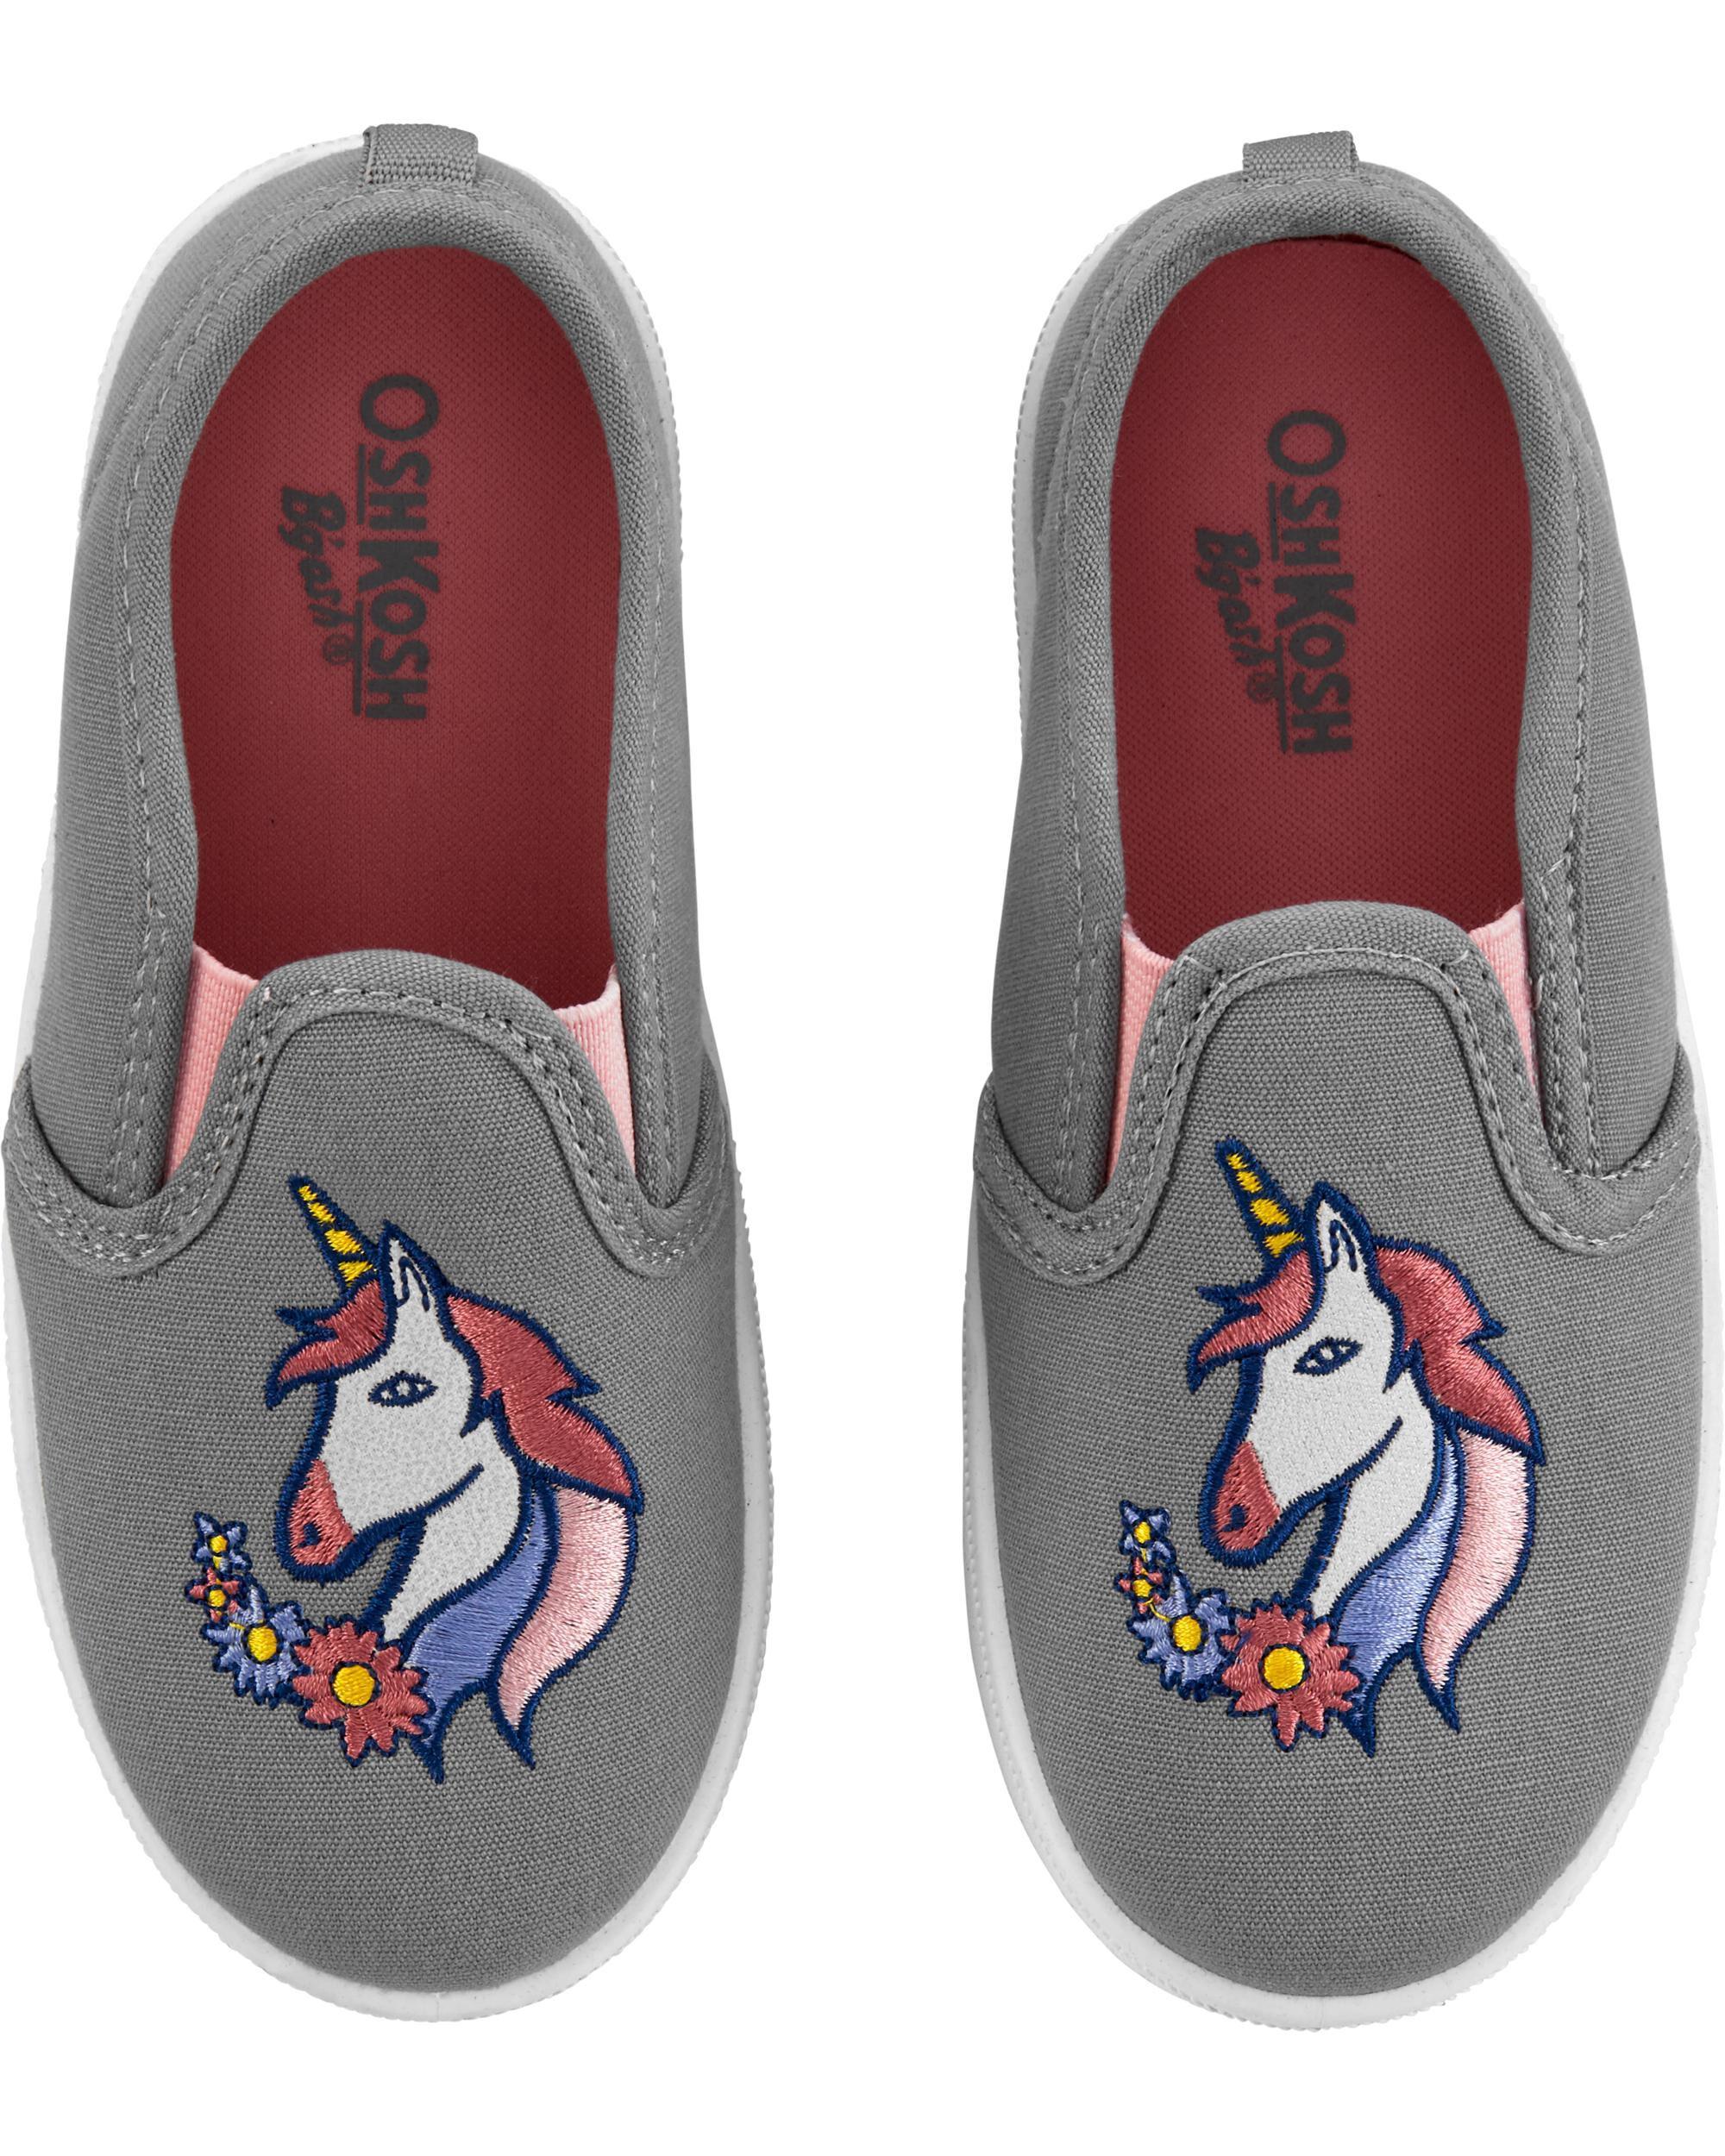 Oshkoshbgosh Unicorn Slip-Ons